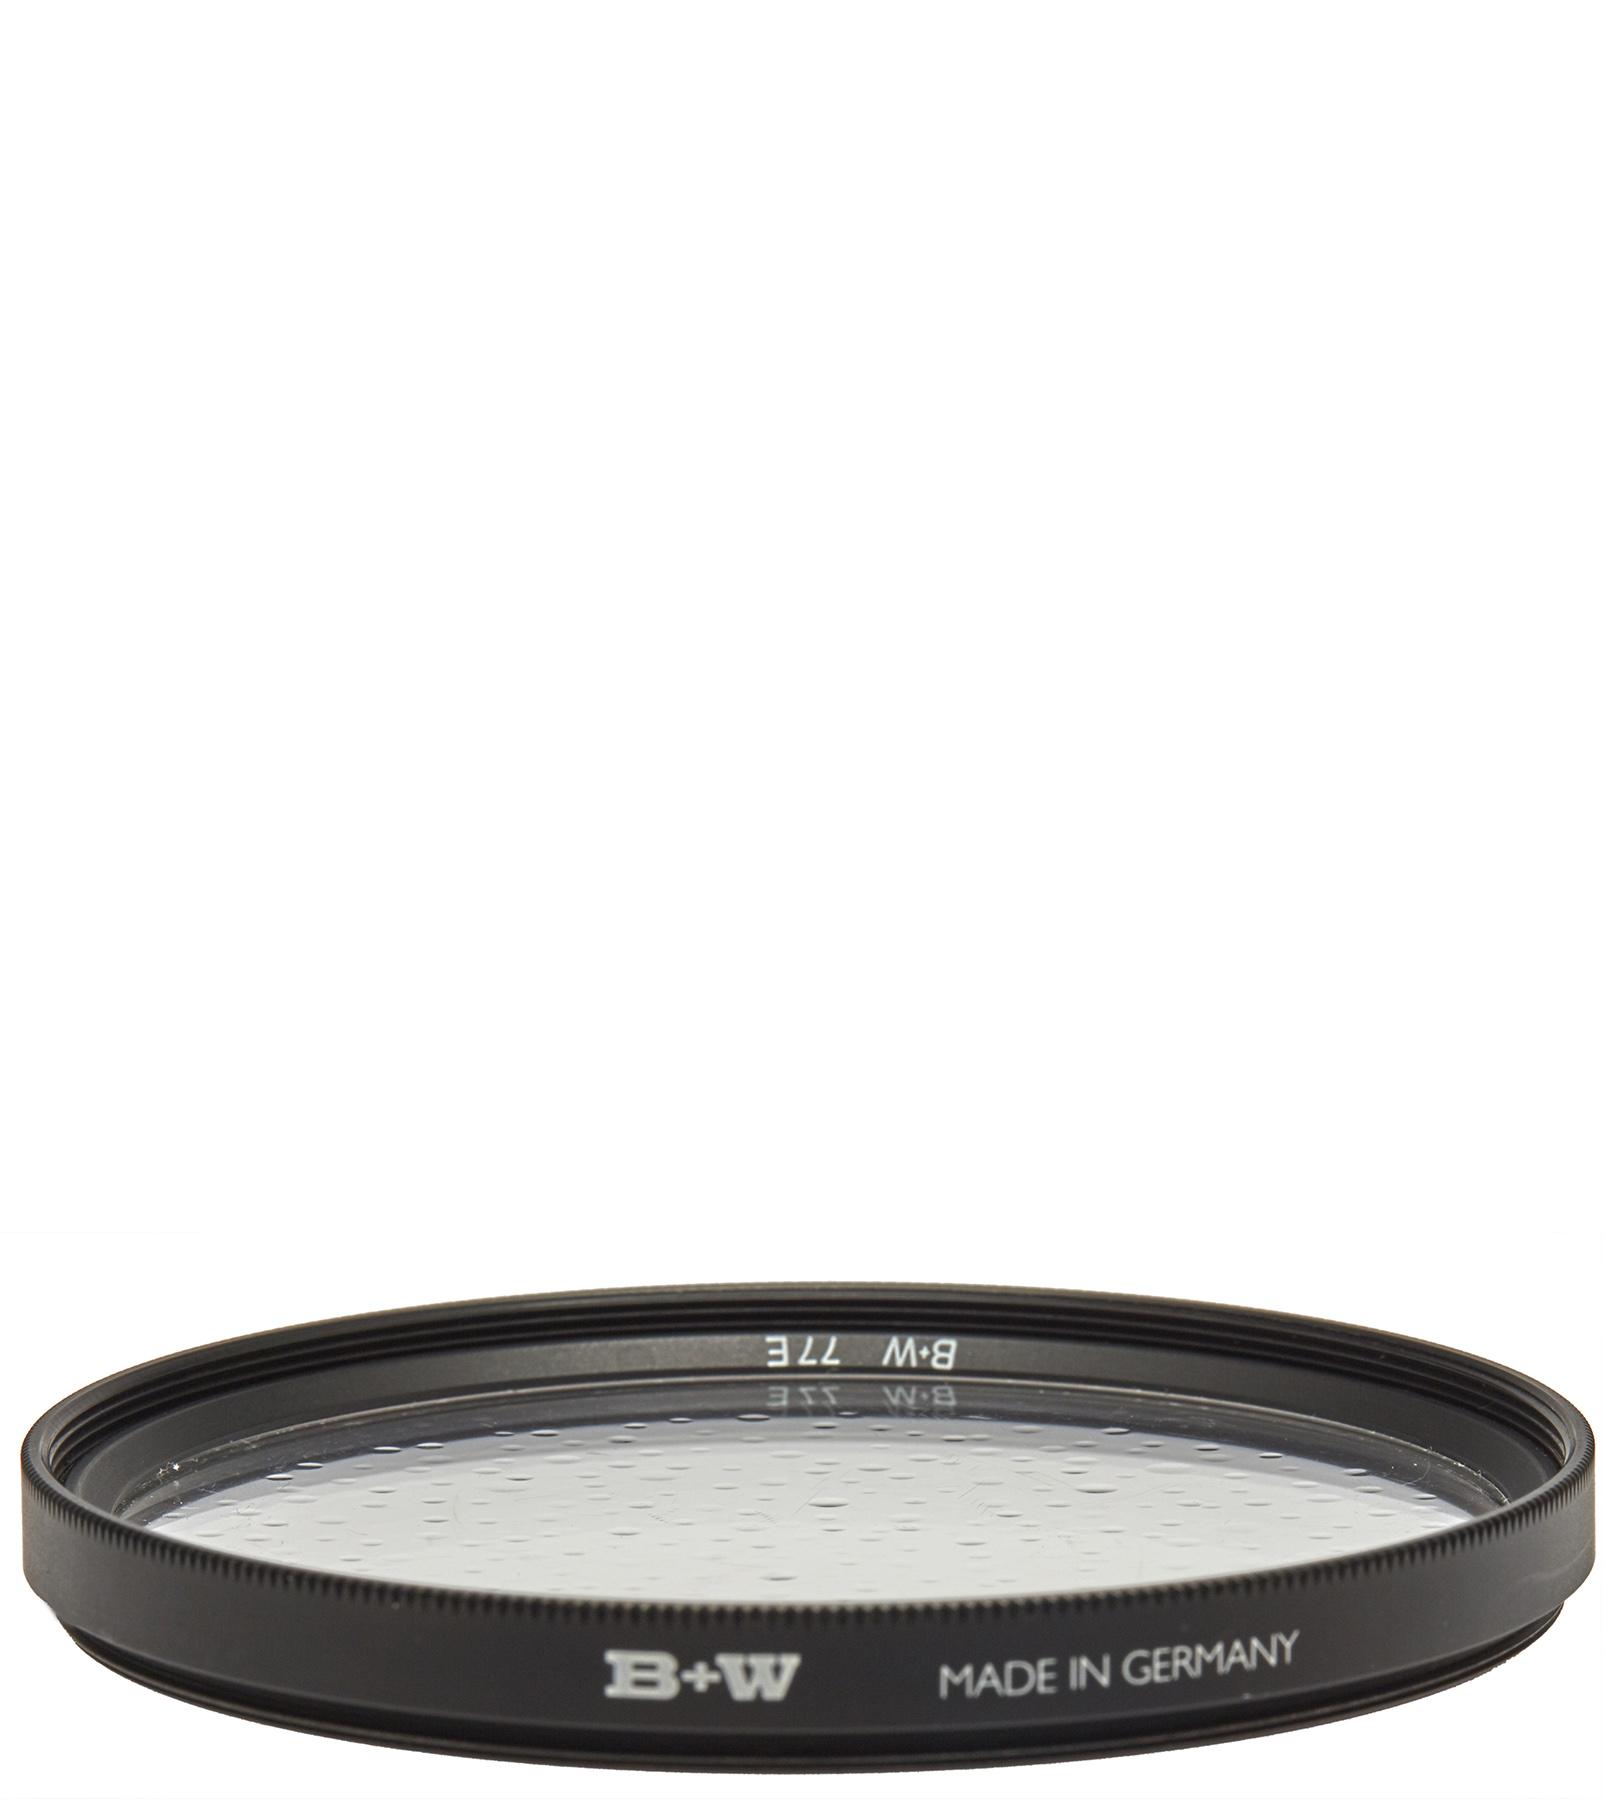 Filtro de lente Softar II B+W 77mm